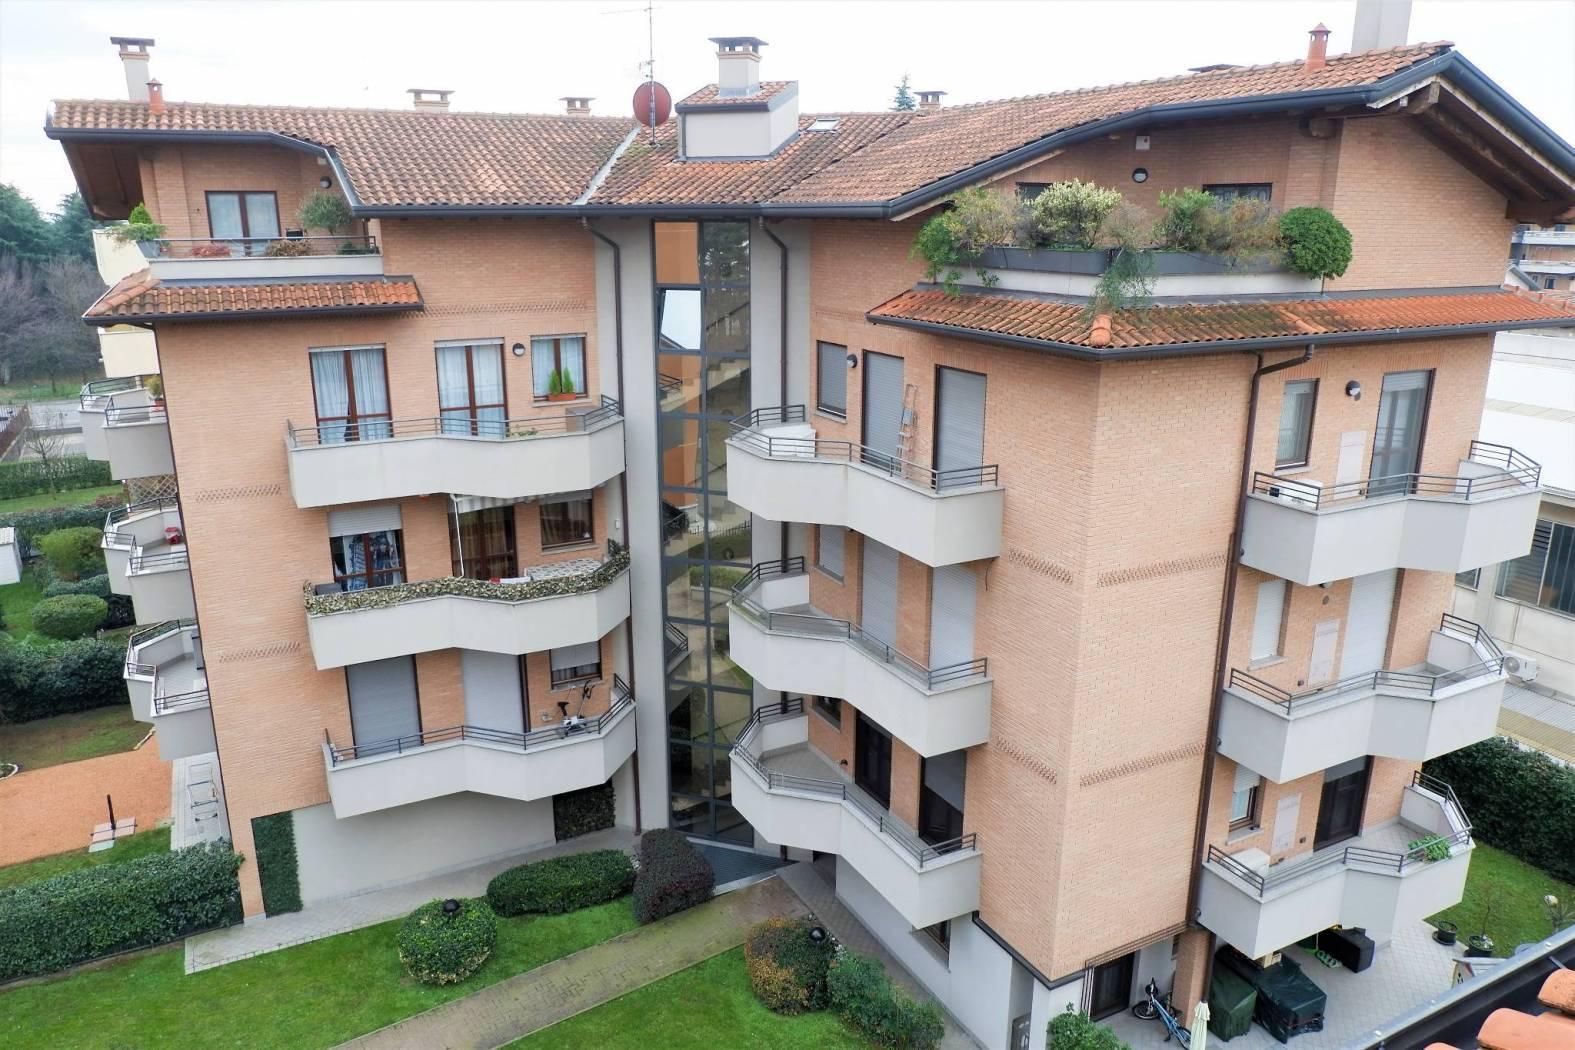 Vendita Quadrilocale Appartamento Legnano via sauro  220112